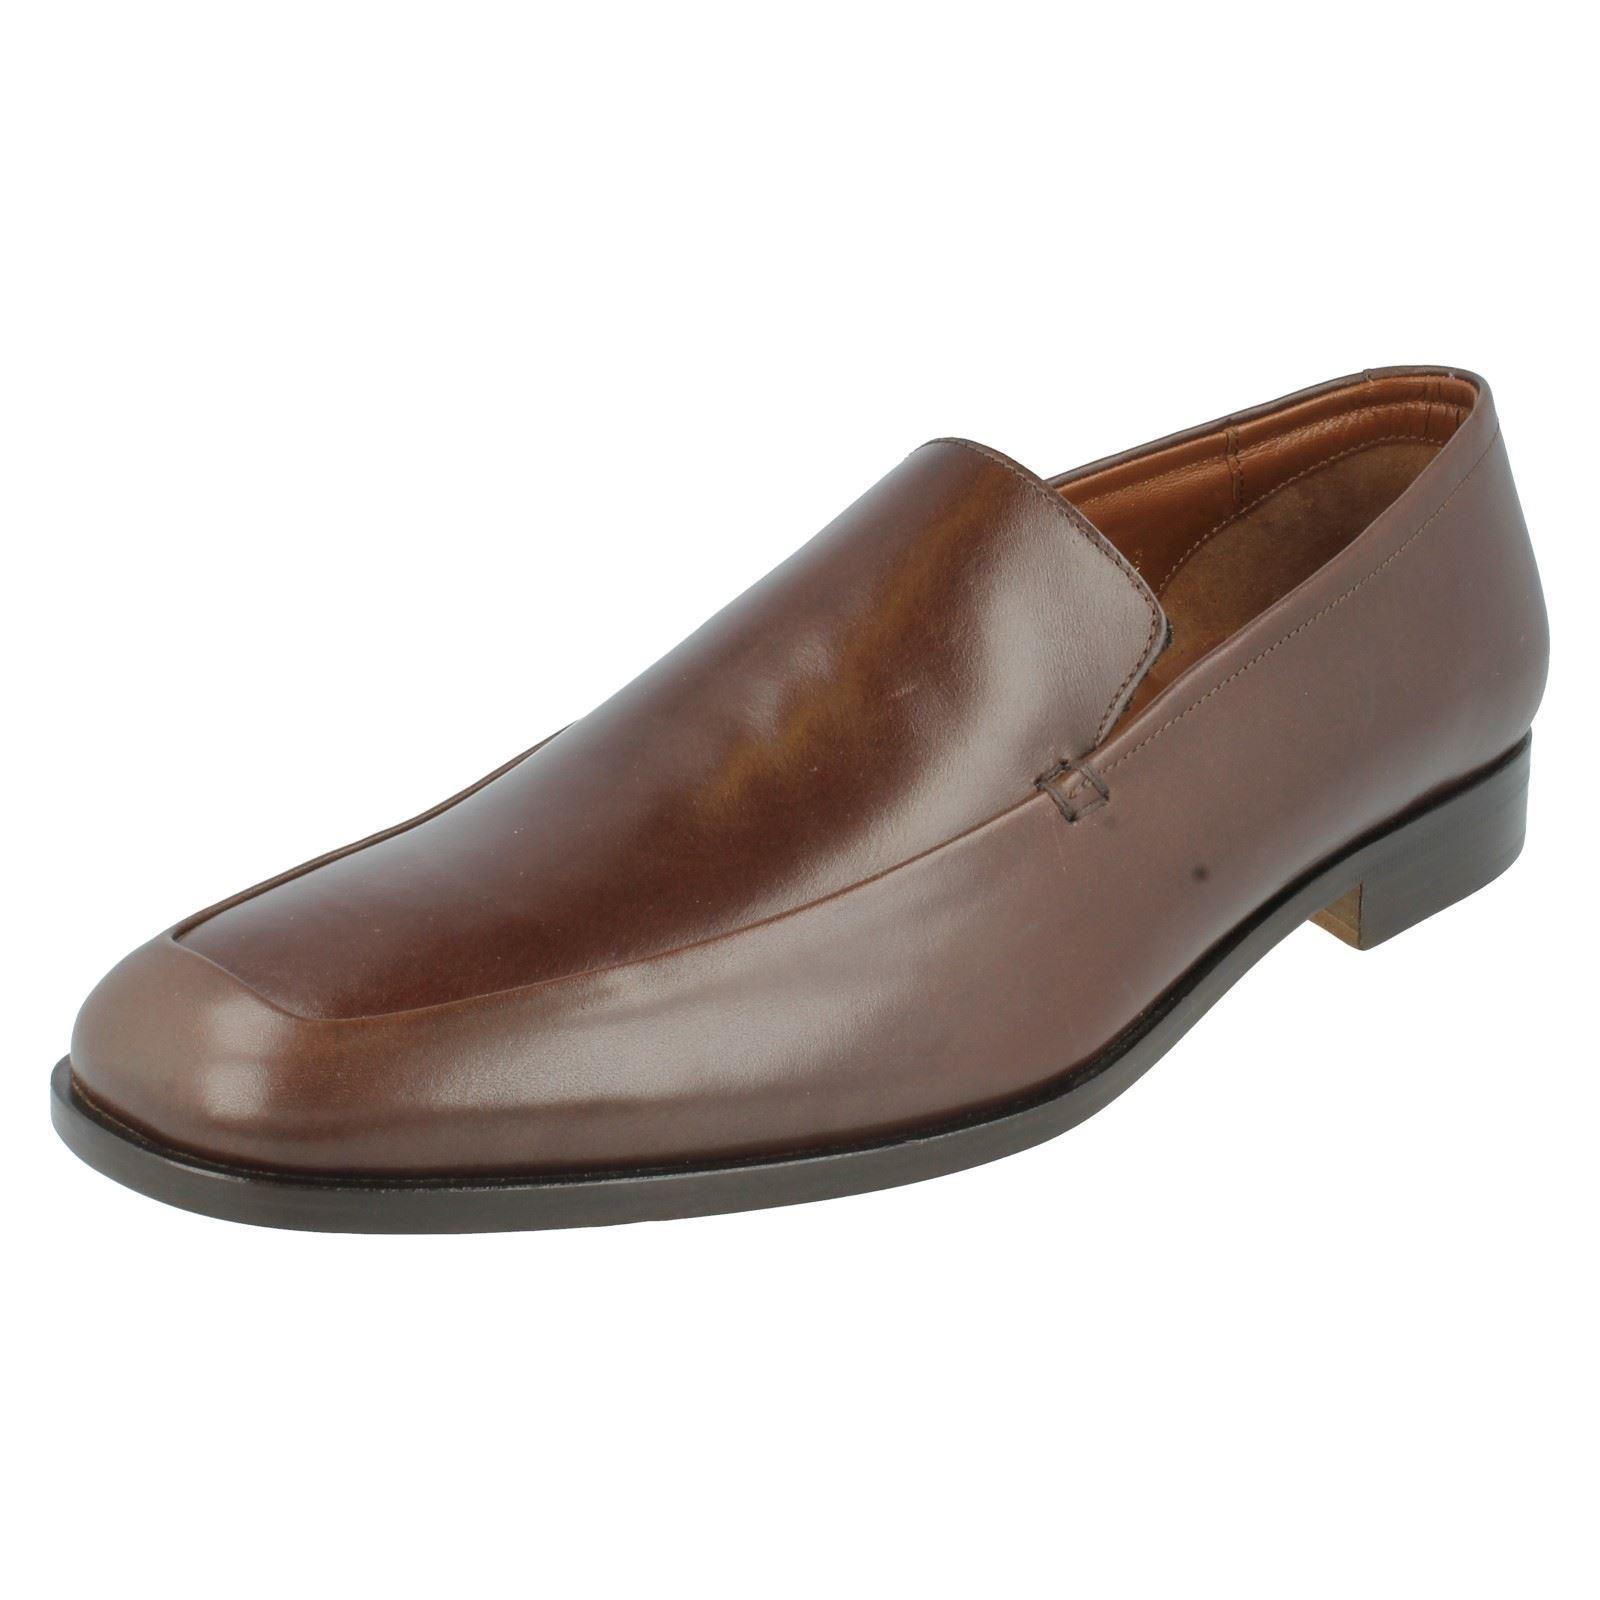 Herren Grenson Slip Slip Grenson On Braun Leder G Fit Formal Schuhes Nice 7786 e9cc39